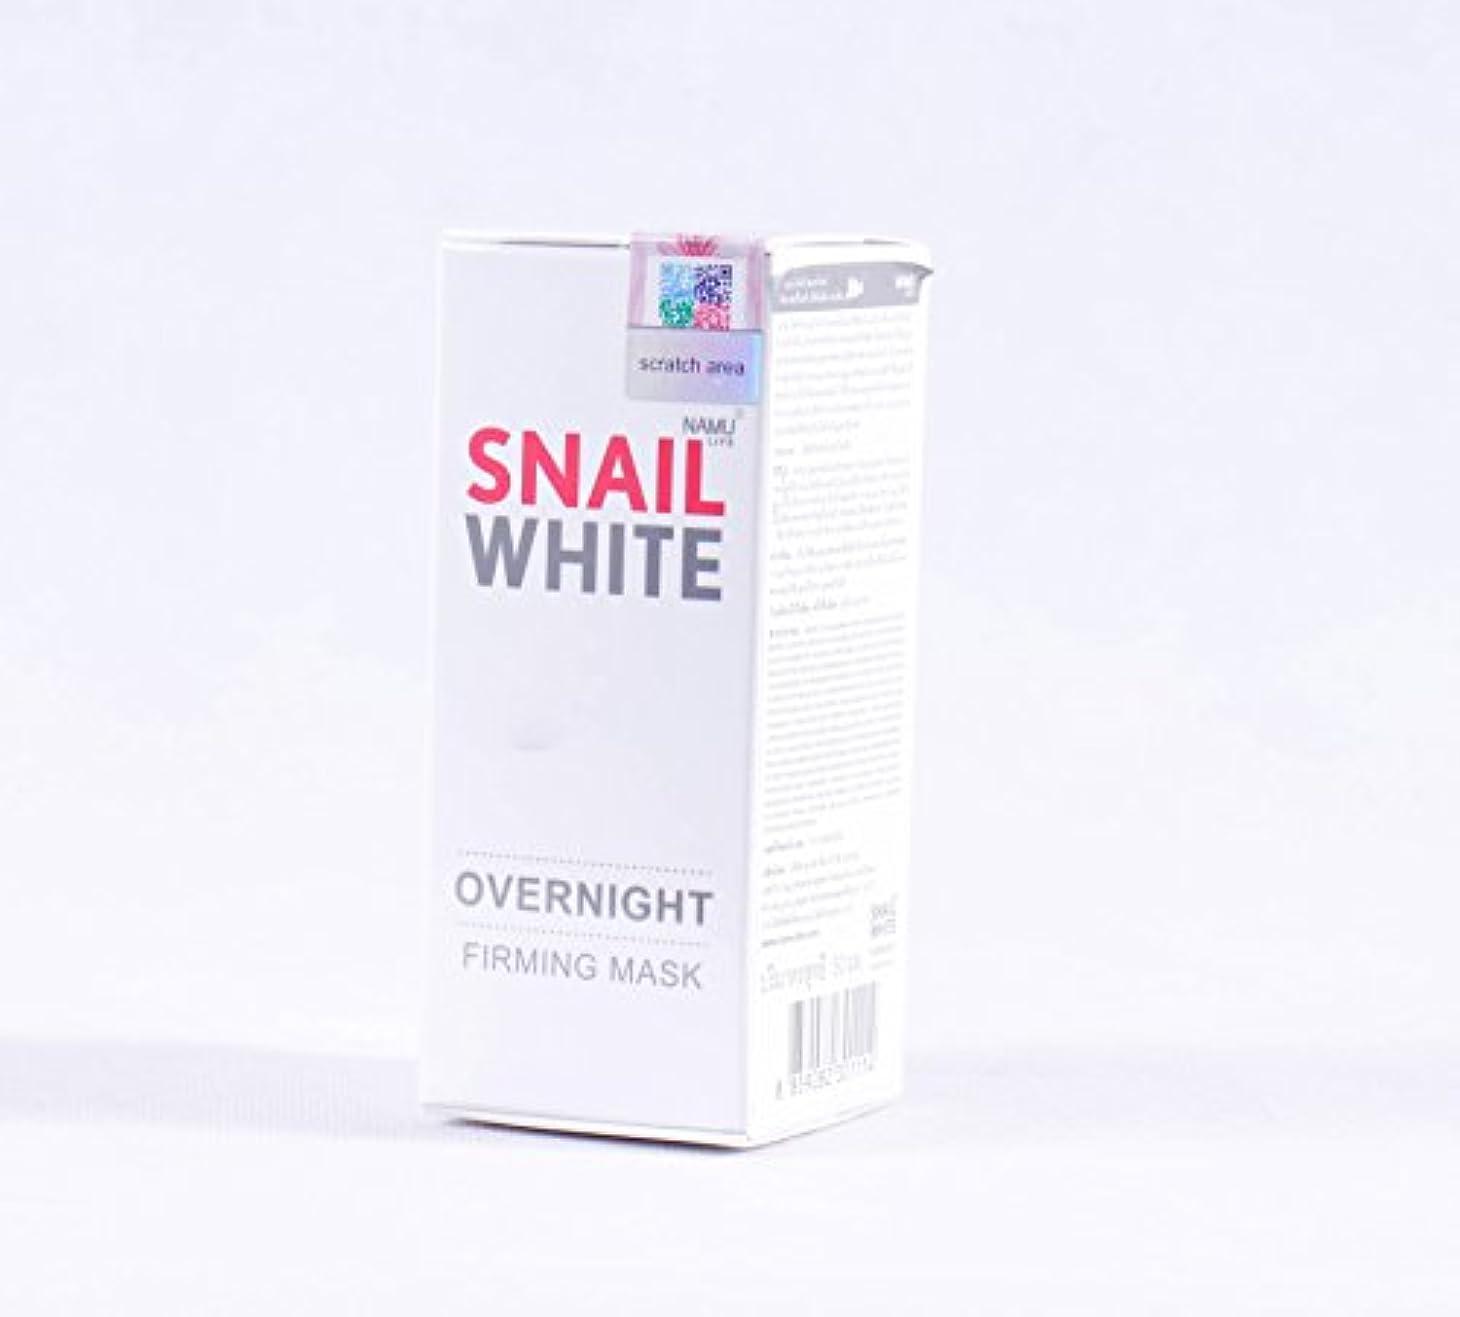 混雑バリケード苦行オーバーナイトファーミングマスク50 ml。 ホワイトニング NAMU LIFE SNAILWHITE OVERNIGHT FIRMING MASK 50 ml.